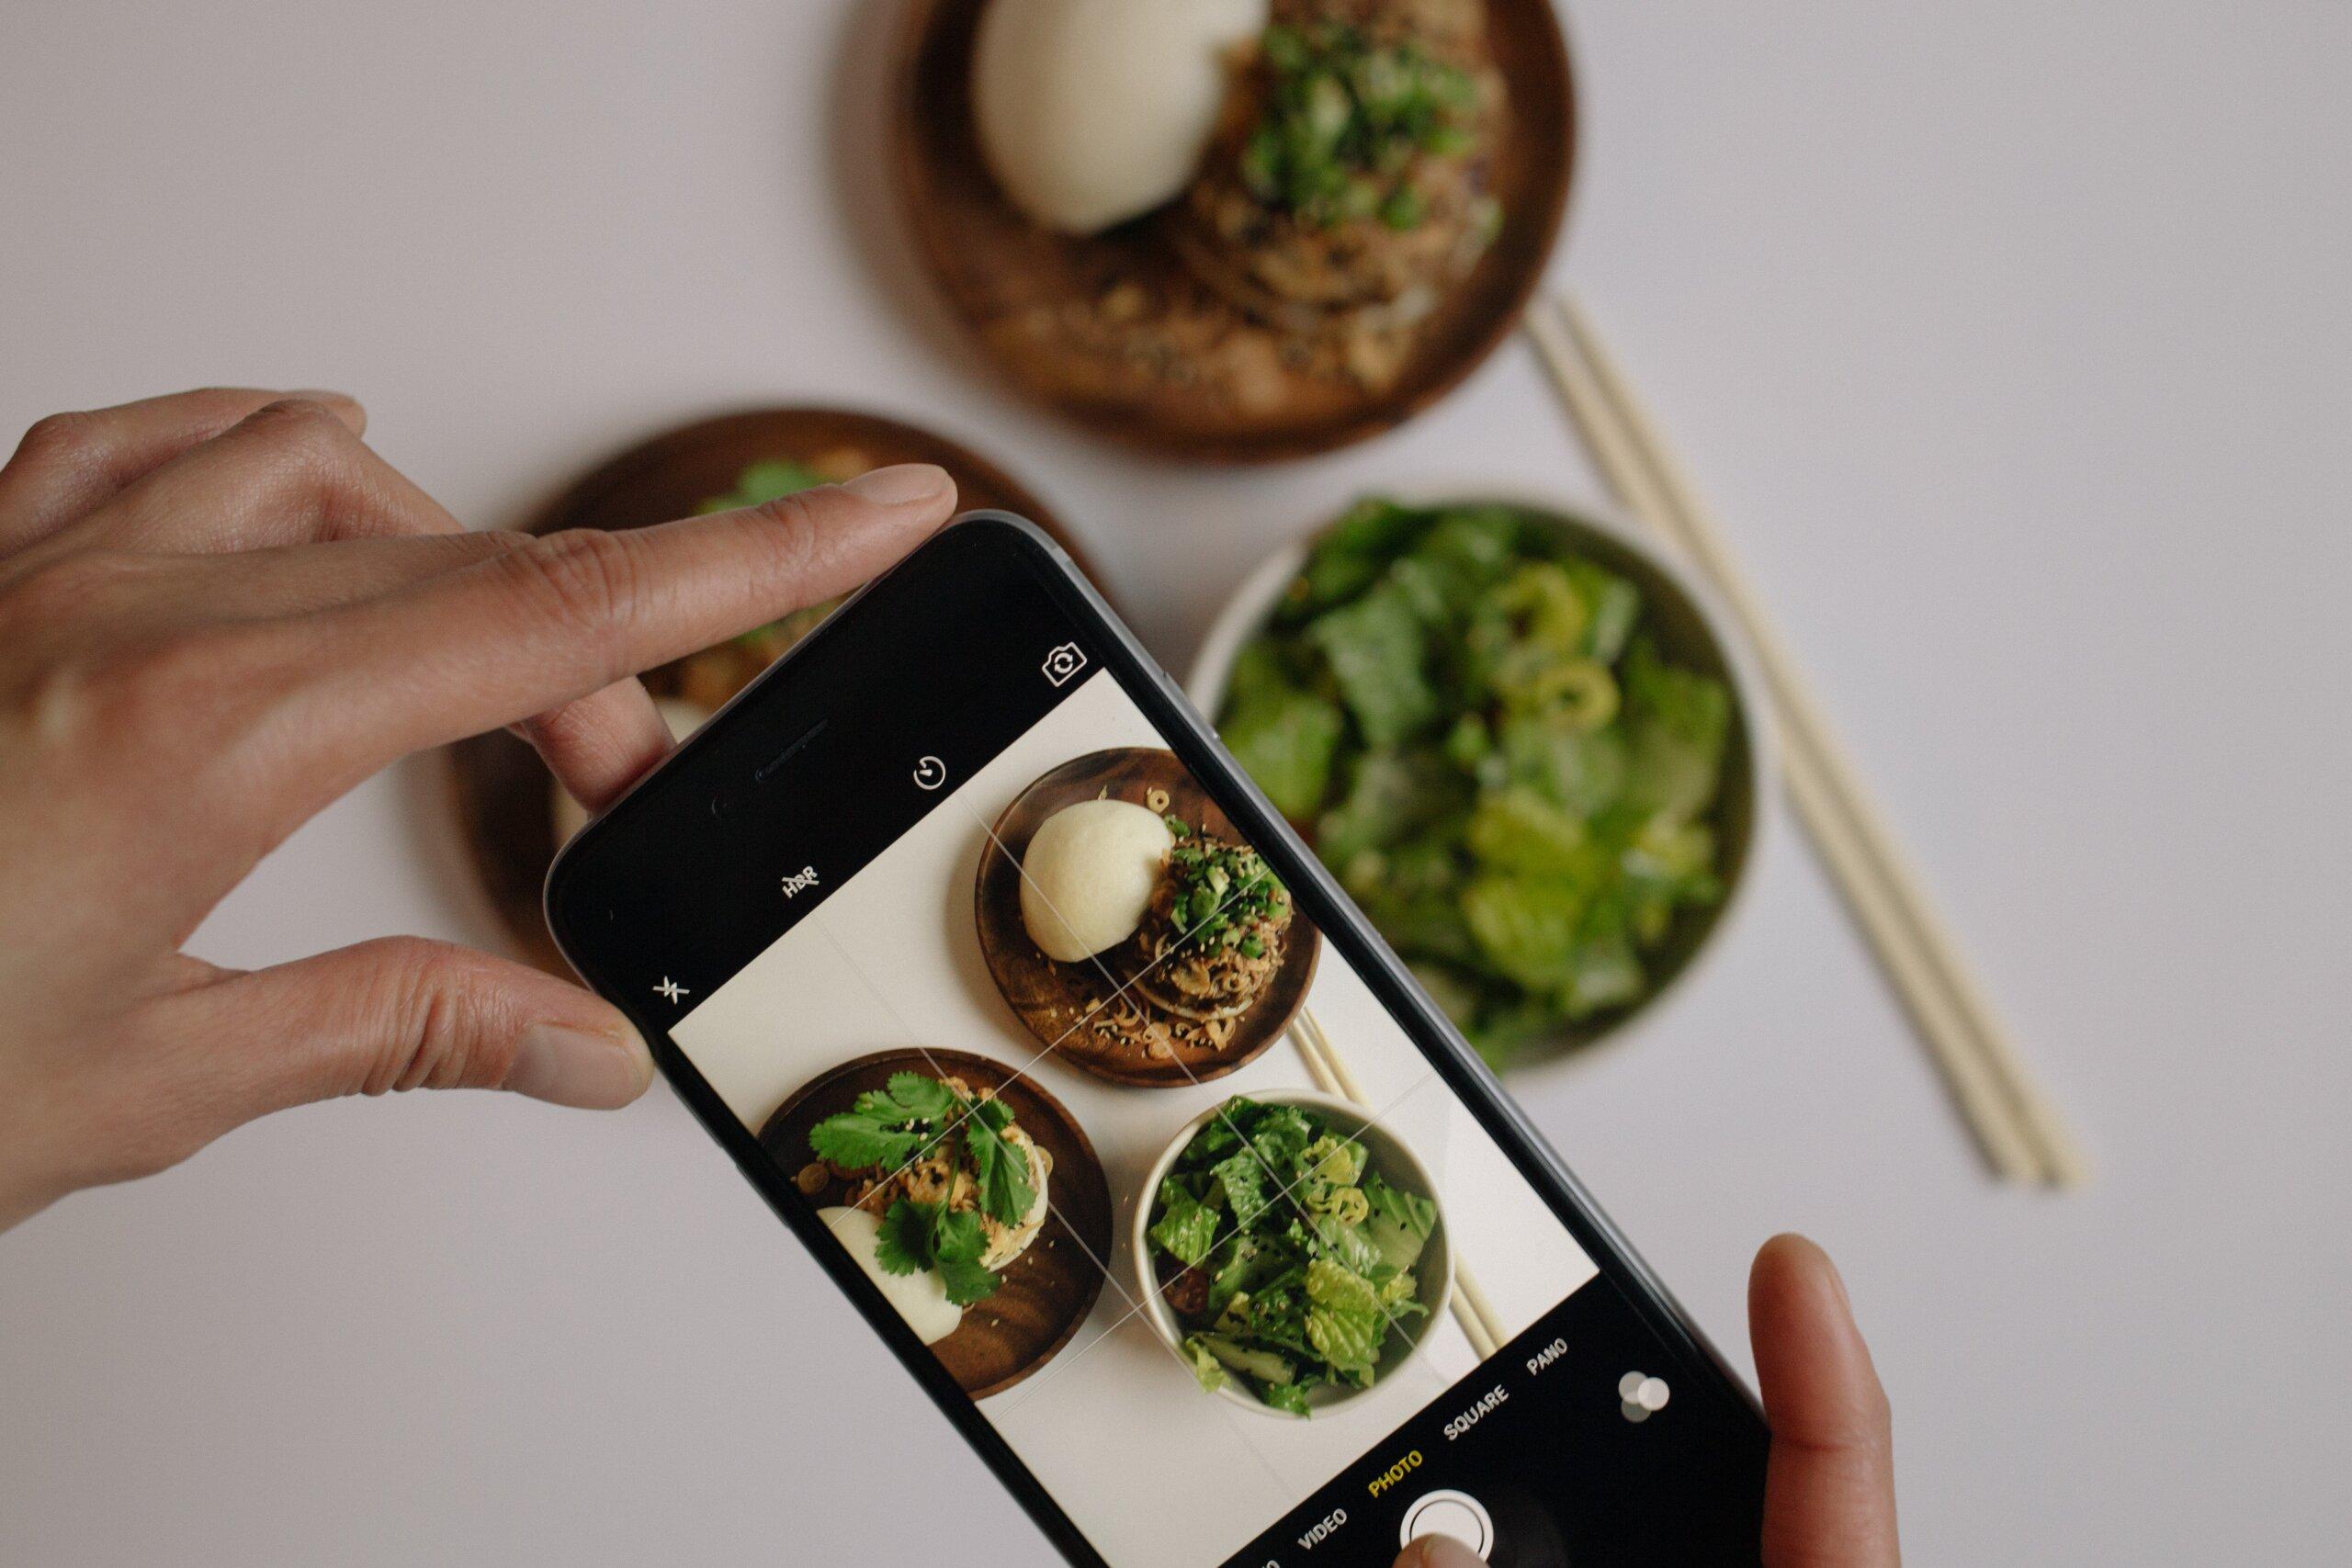 Bạn đã biết cách đăng ký Instagram bằng số điện thoại chưa? 2